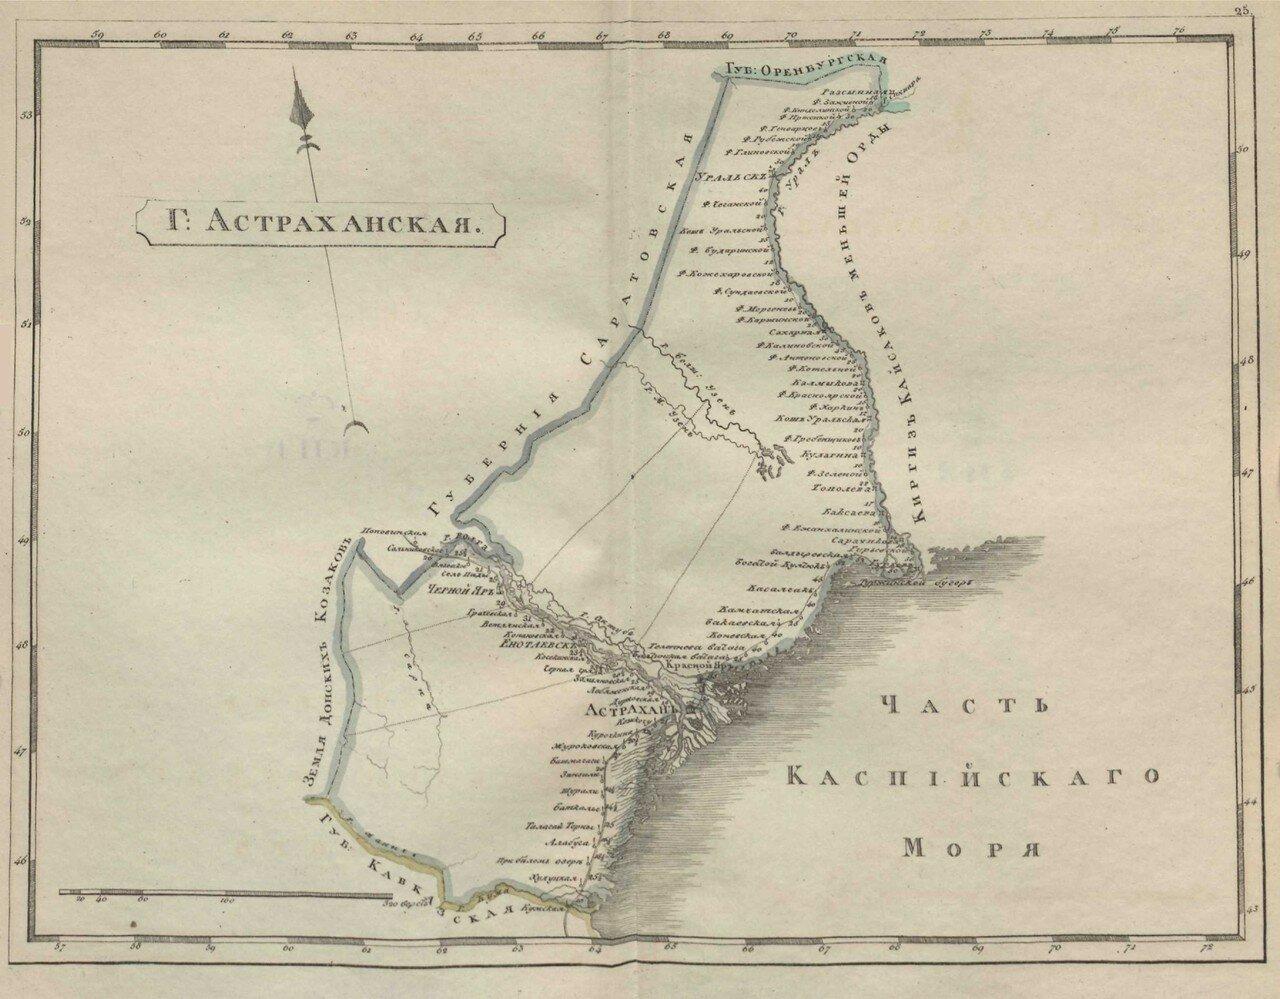 26. Астраханская губерния